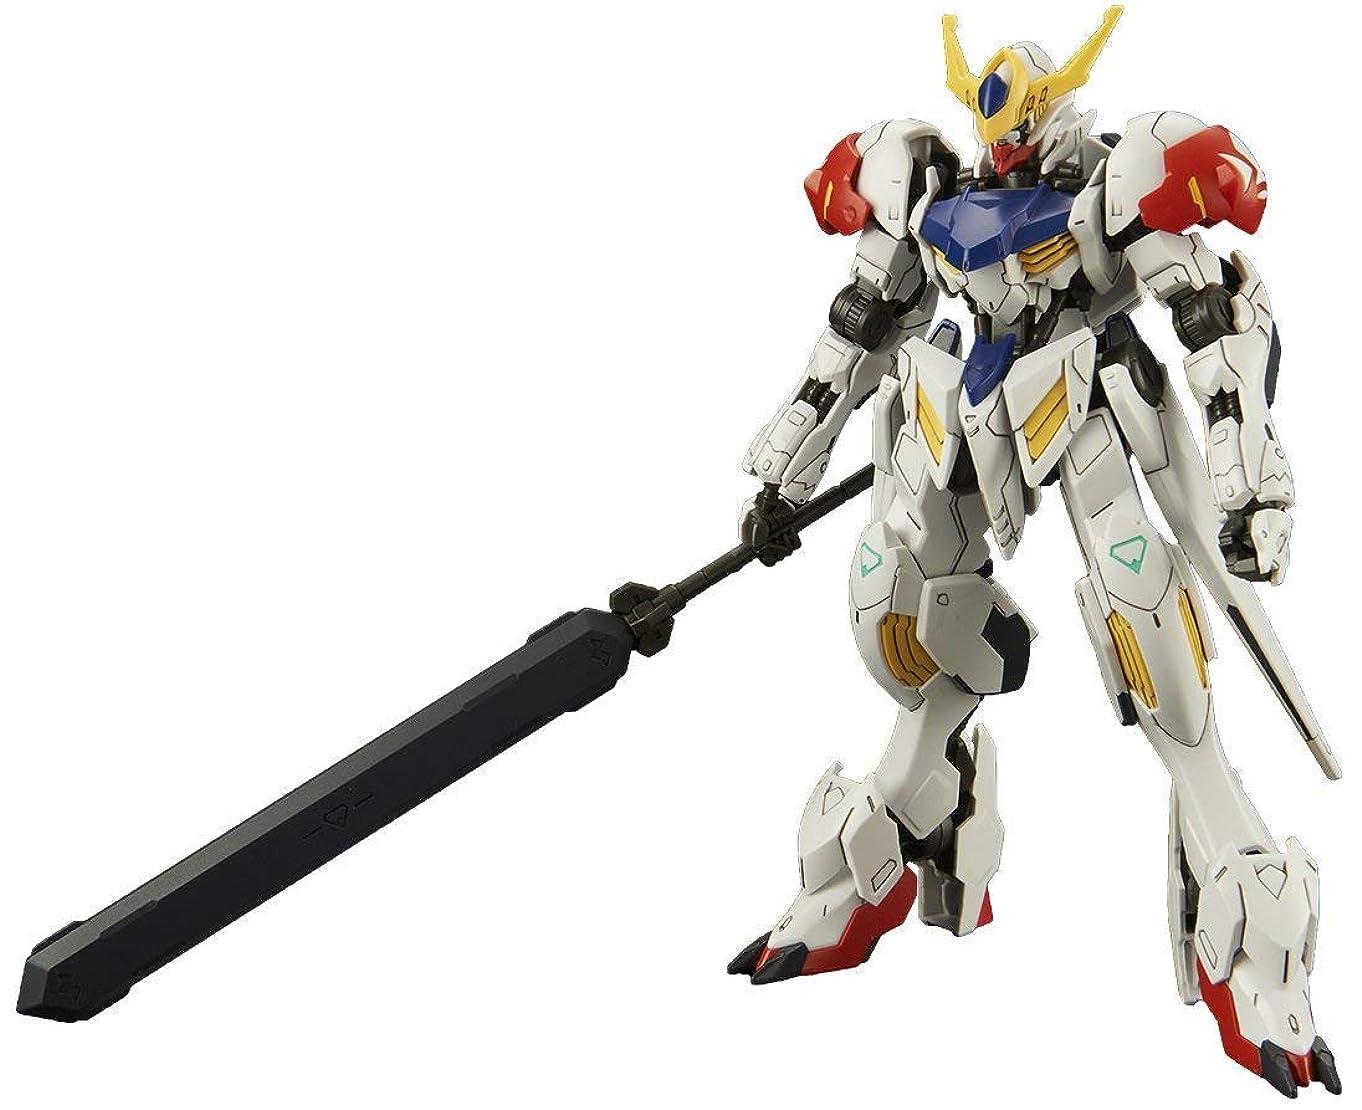 HG 1/144 Gundam Barbatos Lupus Plastic Model from Mobile Suit Gundam: Iron-Blooded Orphans